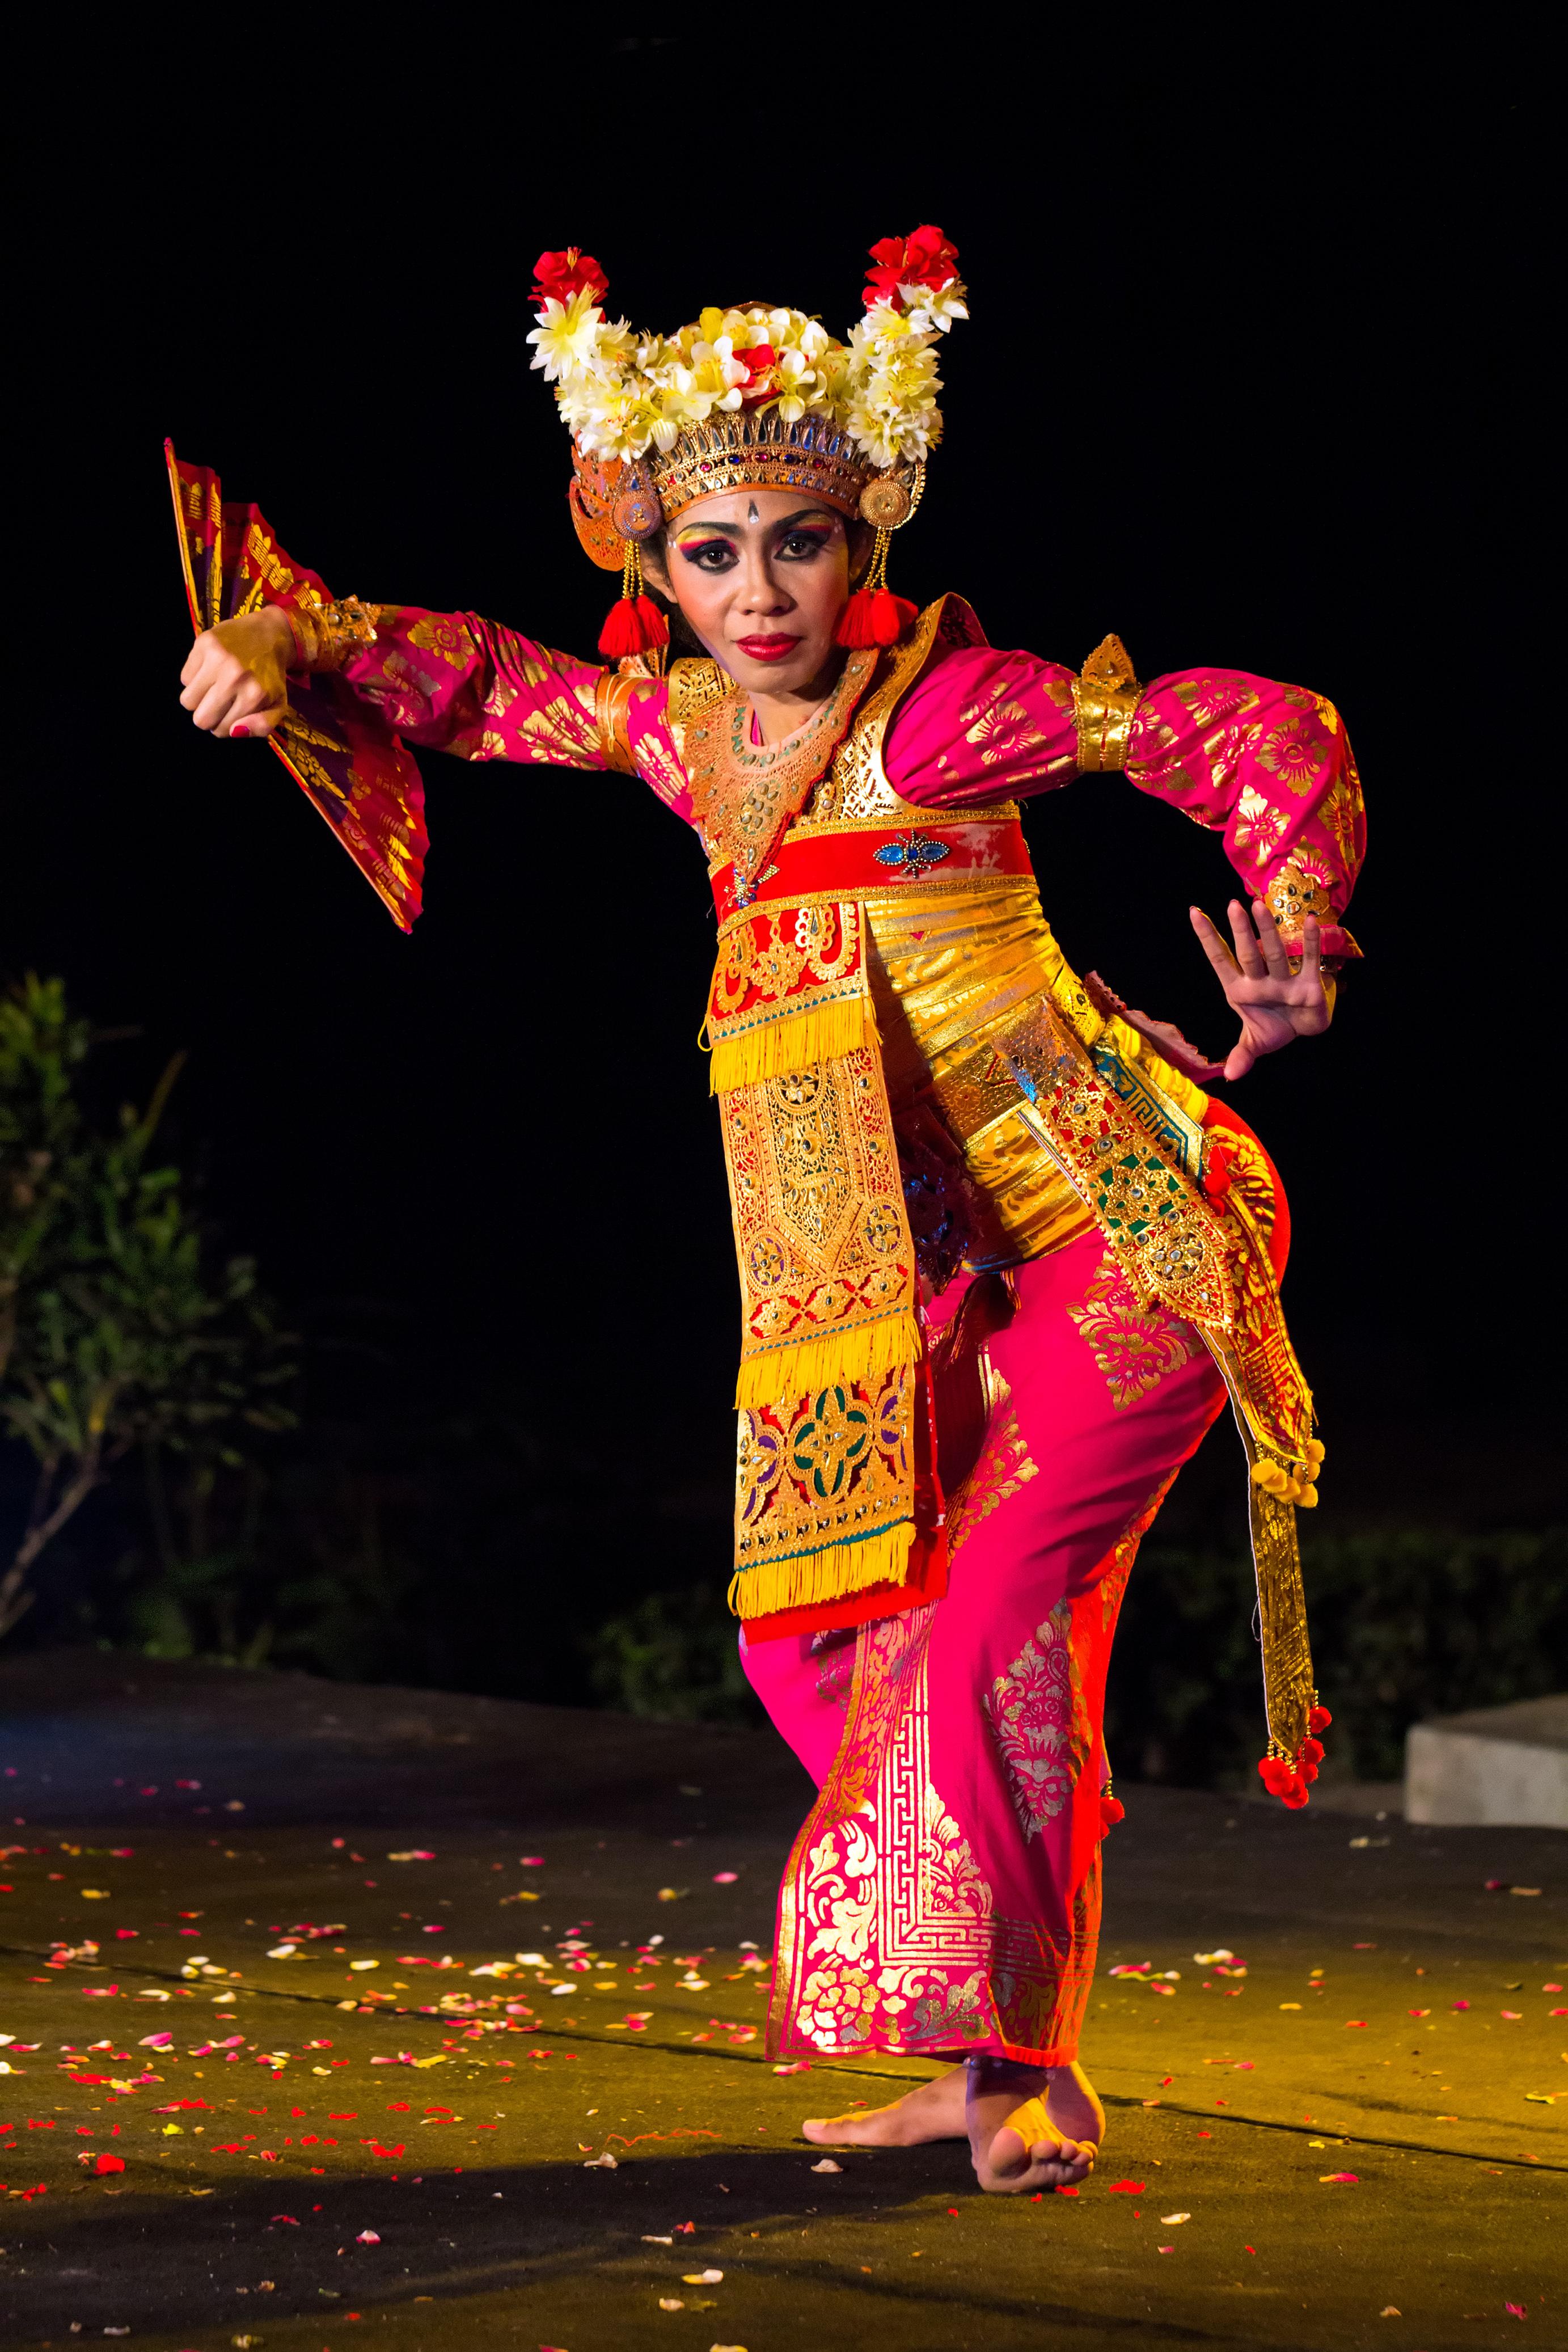 beilen hindu singles About: kledingvoorschriften casino zandvoort  kledingvoorschriften casino zandvoort  kledingvoorschriften casino zandvoort.